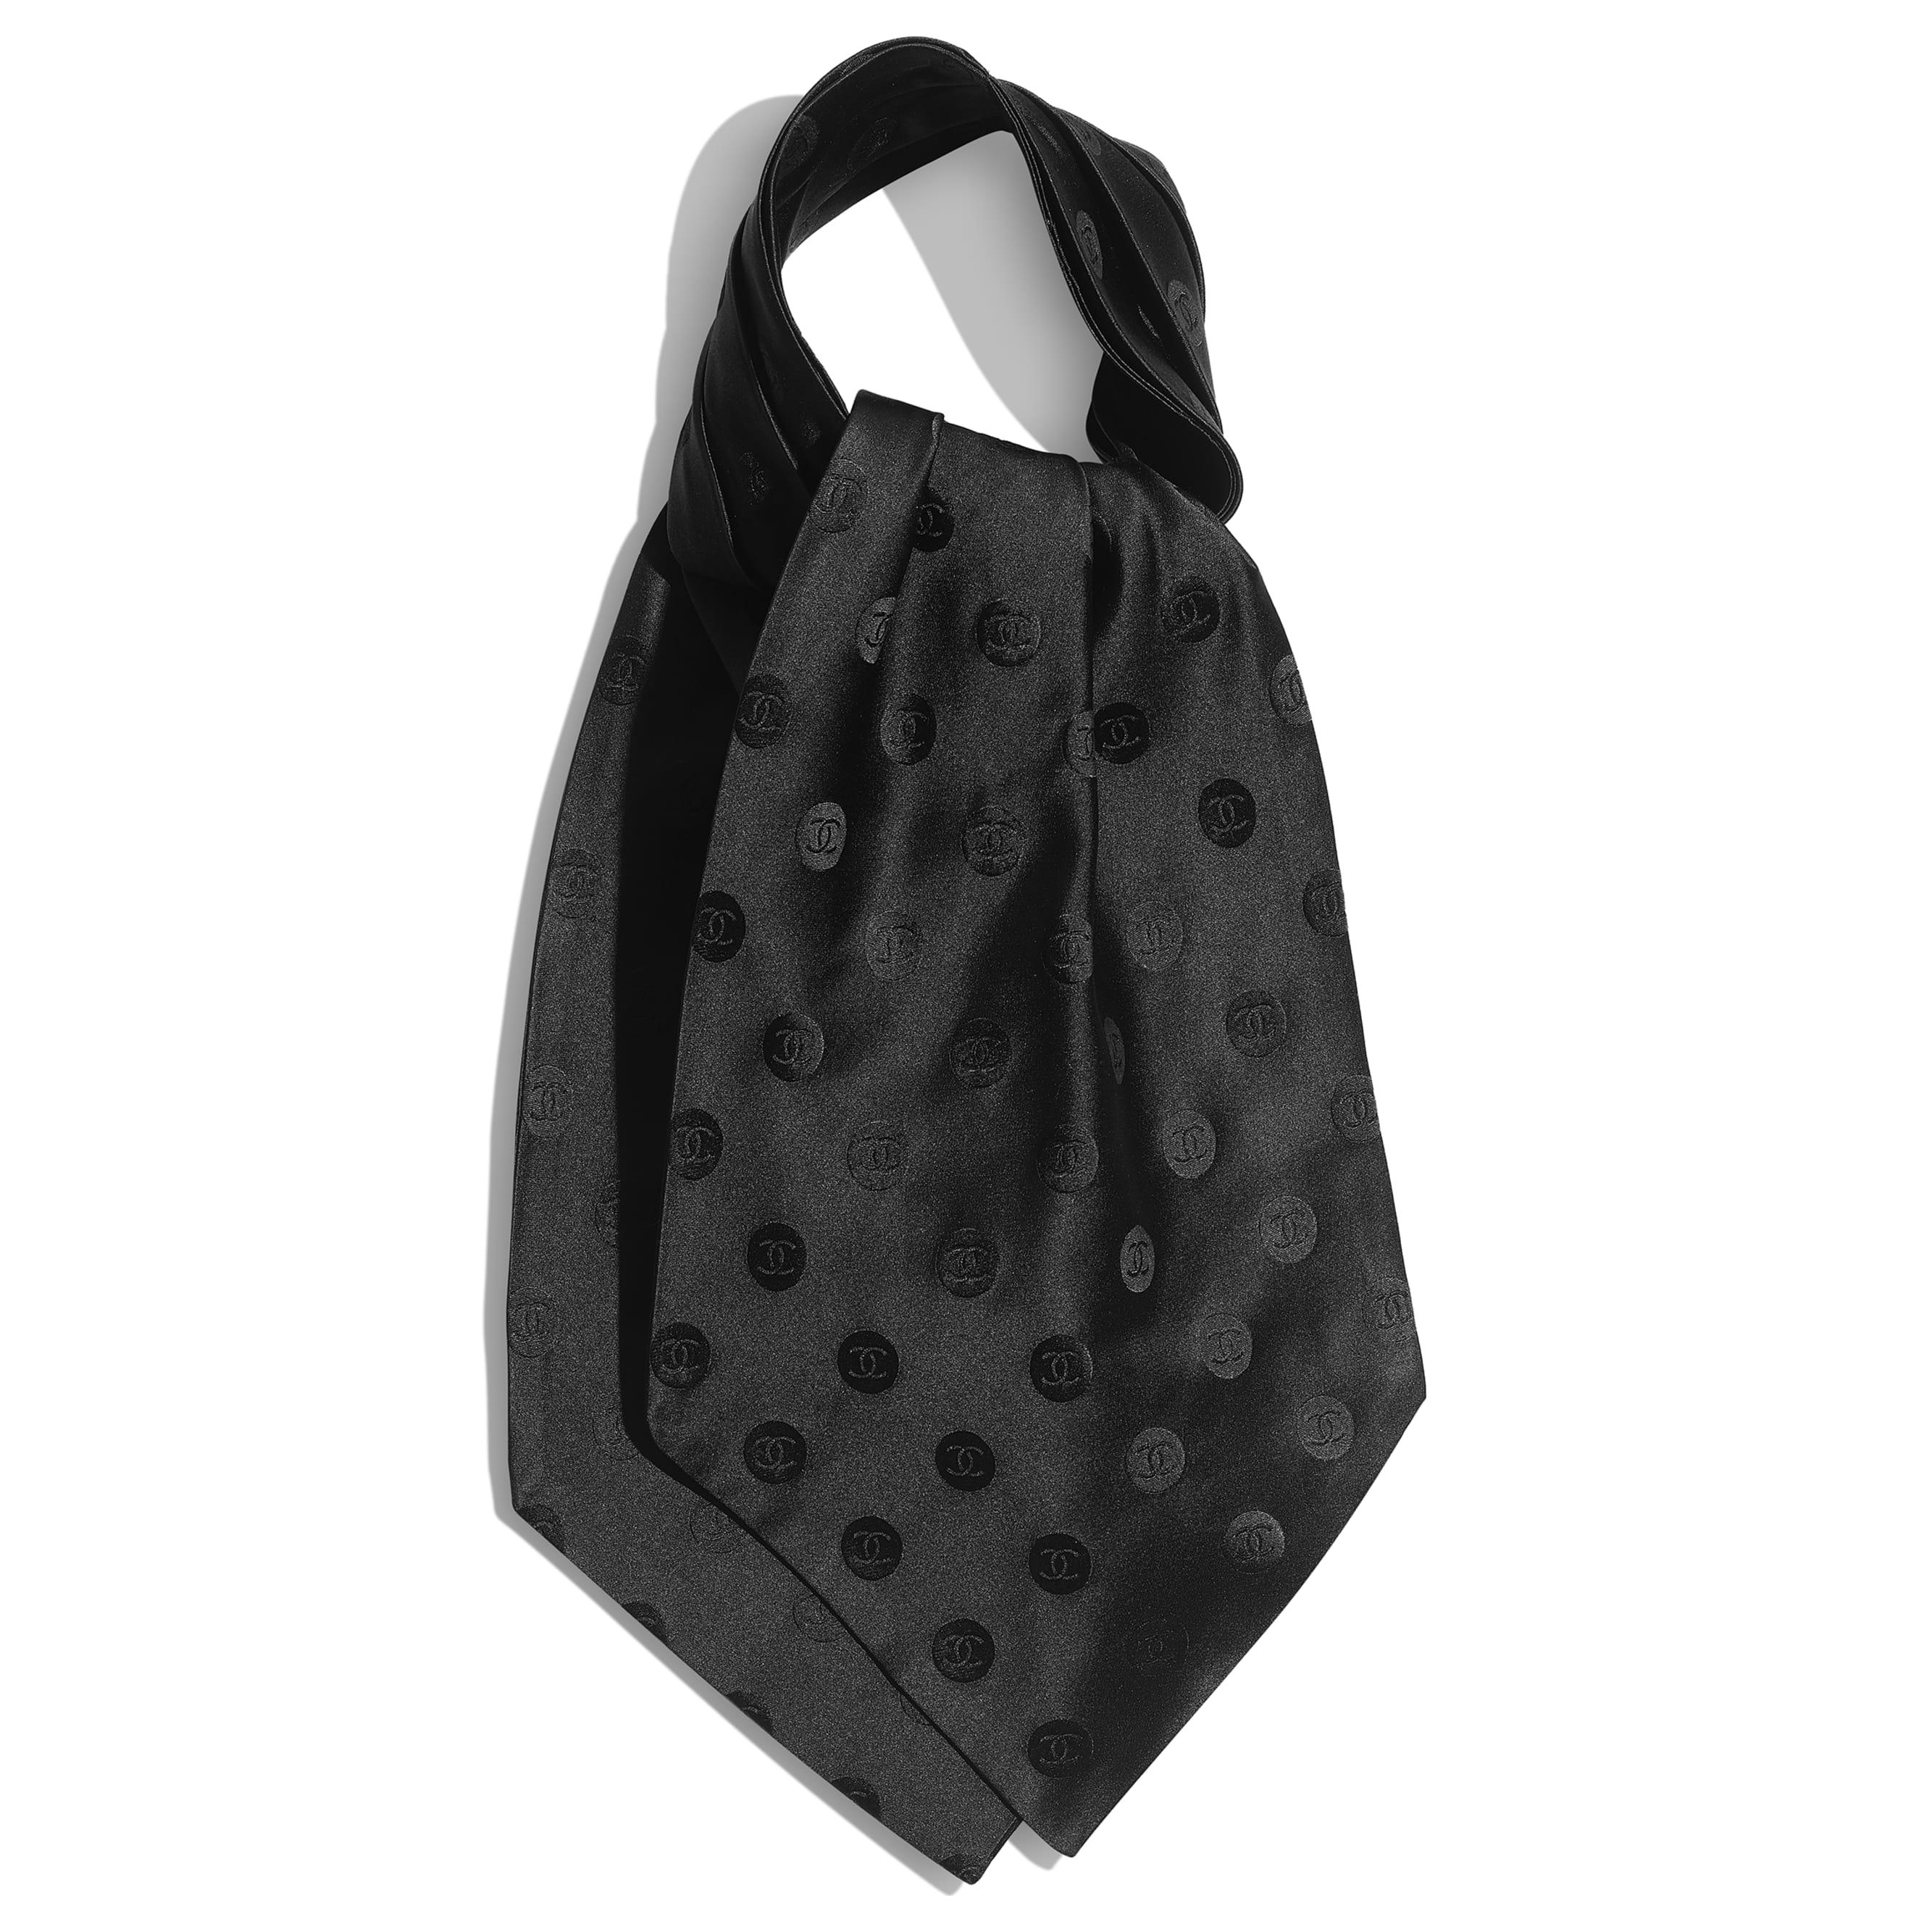 Шарф-лавальер - Черный - Шелковая жаккардовая ткань - CHANEL - Вид по умолчанию - посмотреть изображение стандартного размера